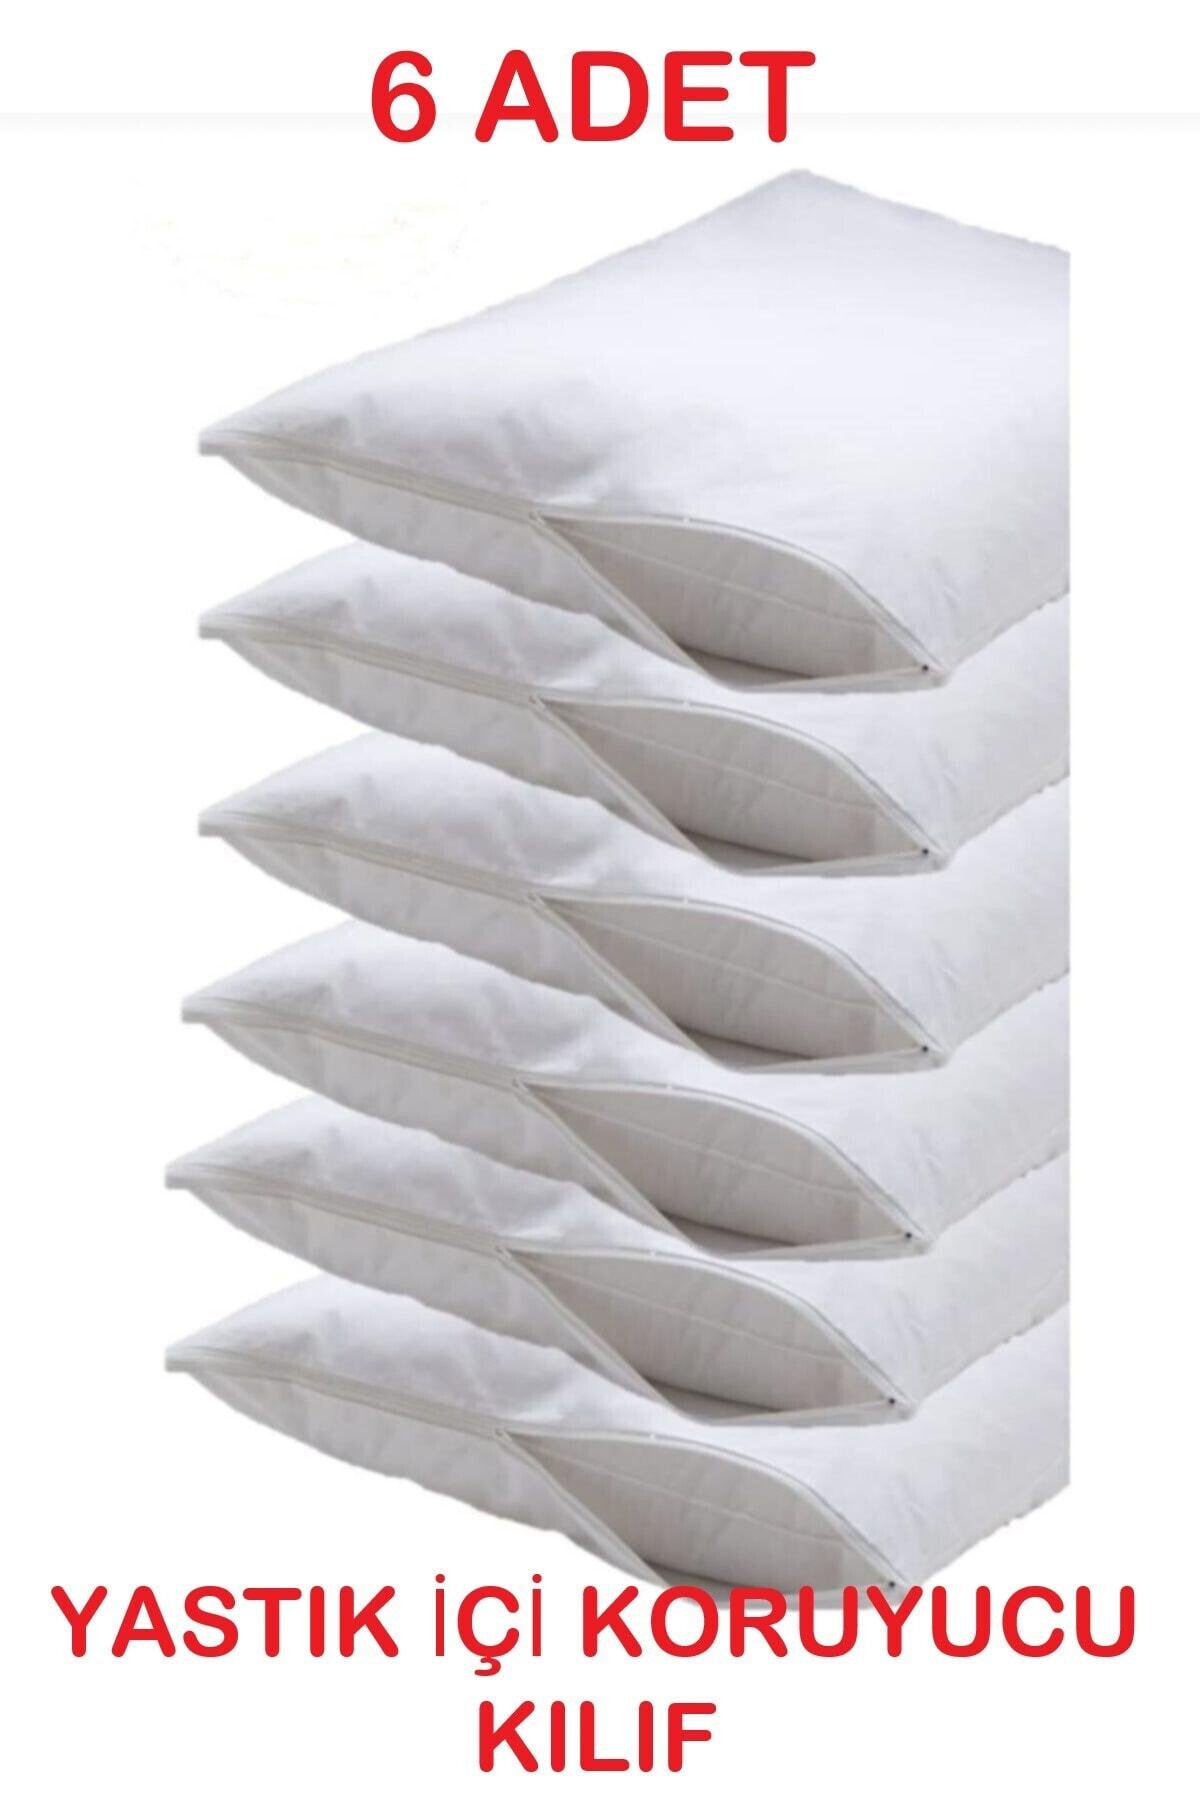 Beyaz Fermuarlı Yastık Içi Koruyucu Kılıf 50x70 cm 6 Adet